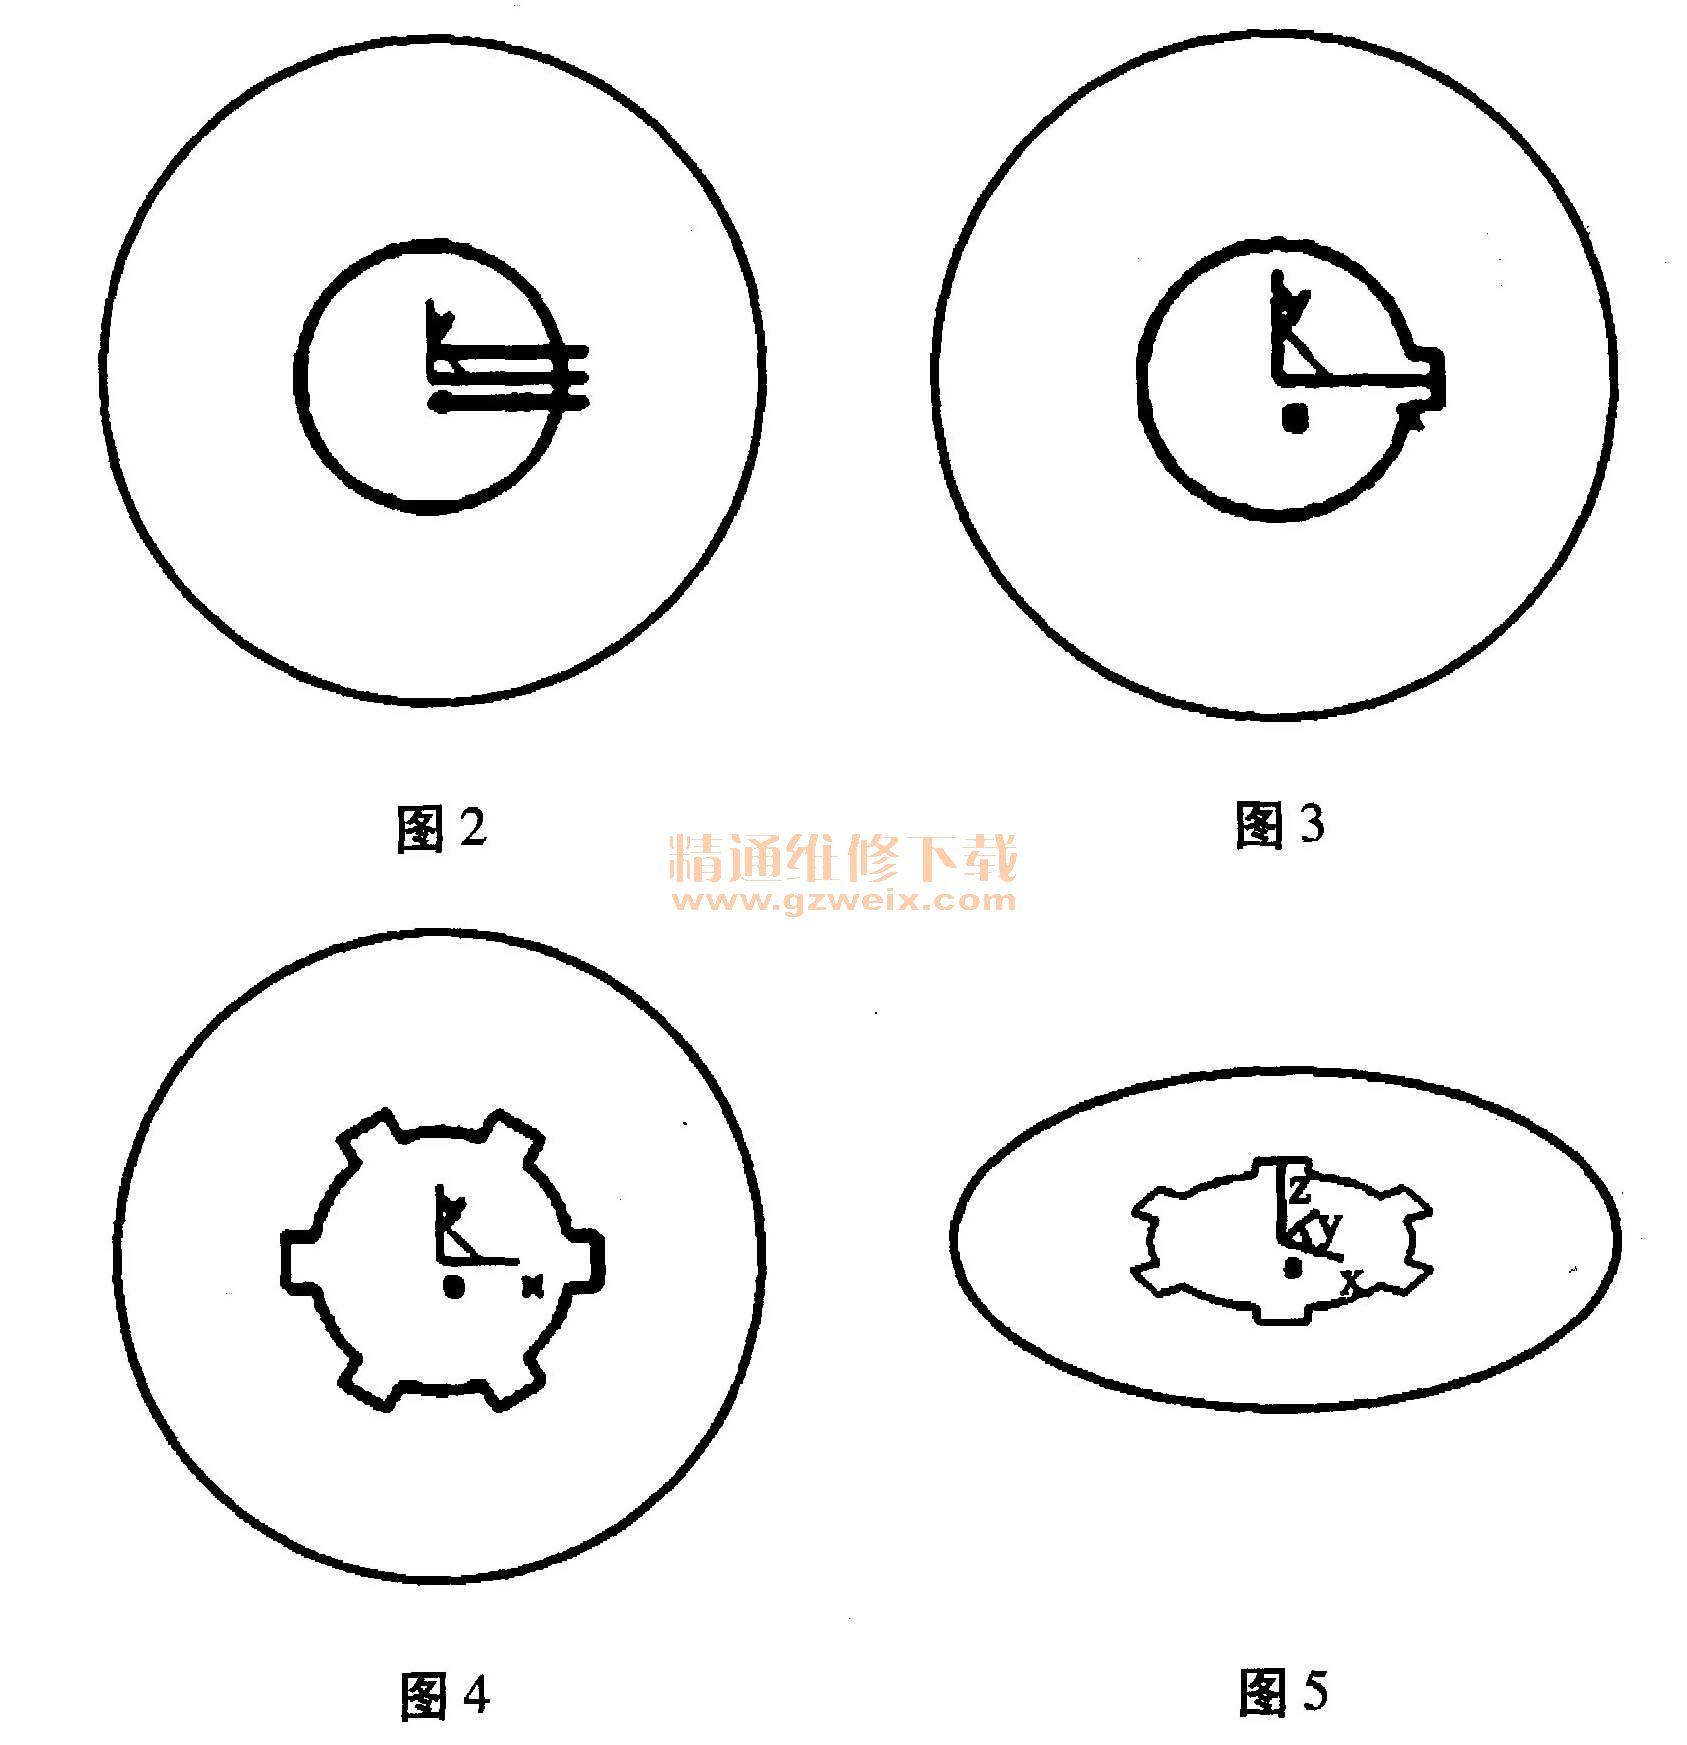 基于CAXA应用工程师手轮绘制维修-精通制造以圆形为基础绘制logo图片